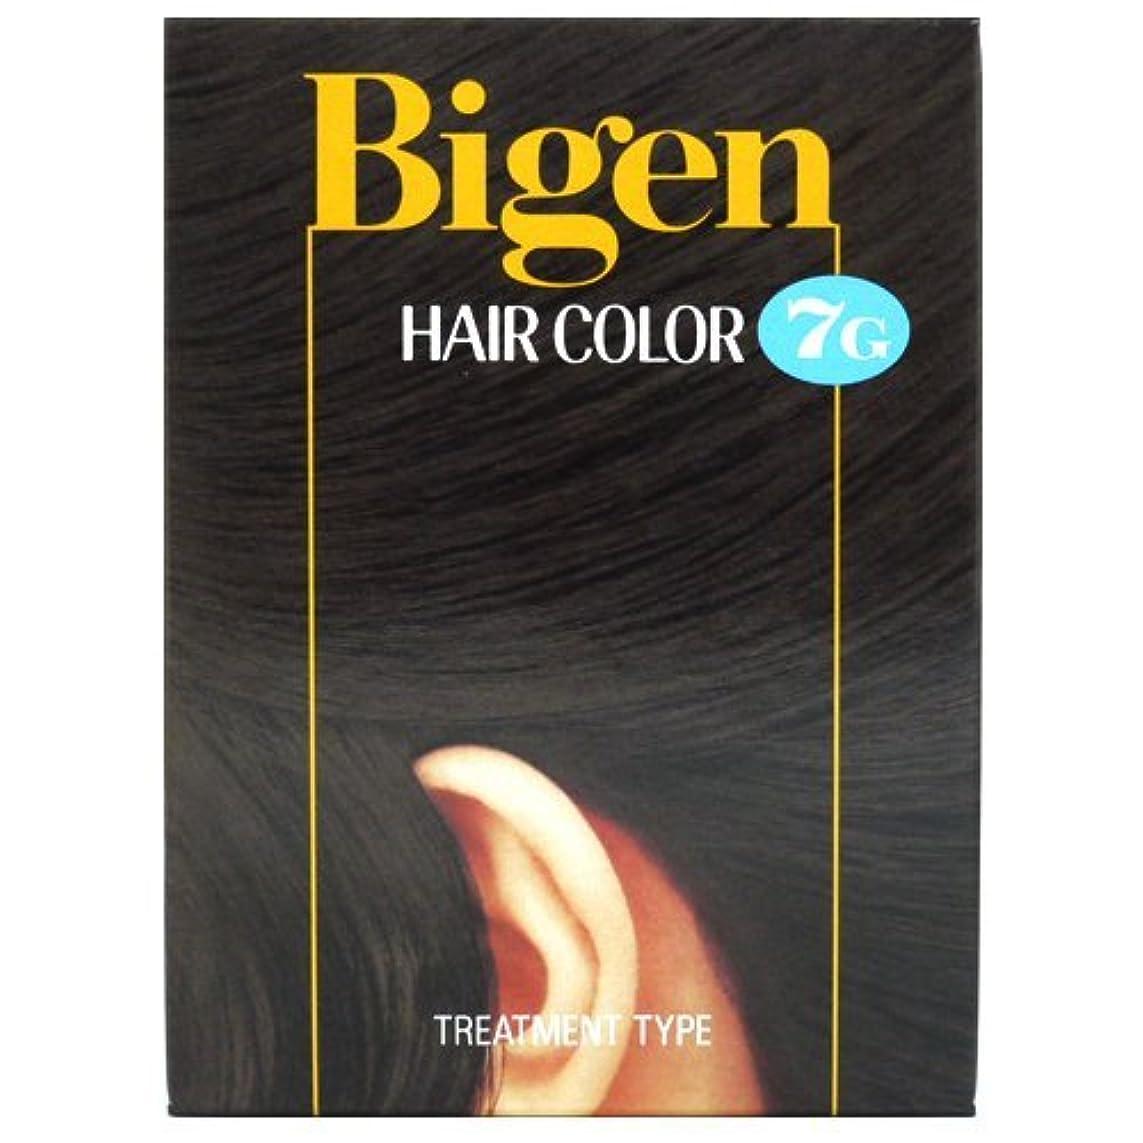 マージン土曜日被るホーユー ビゲン ヘアカラー 【7G 自然な黒褐色】